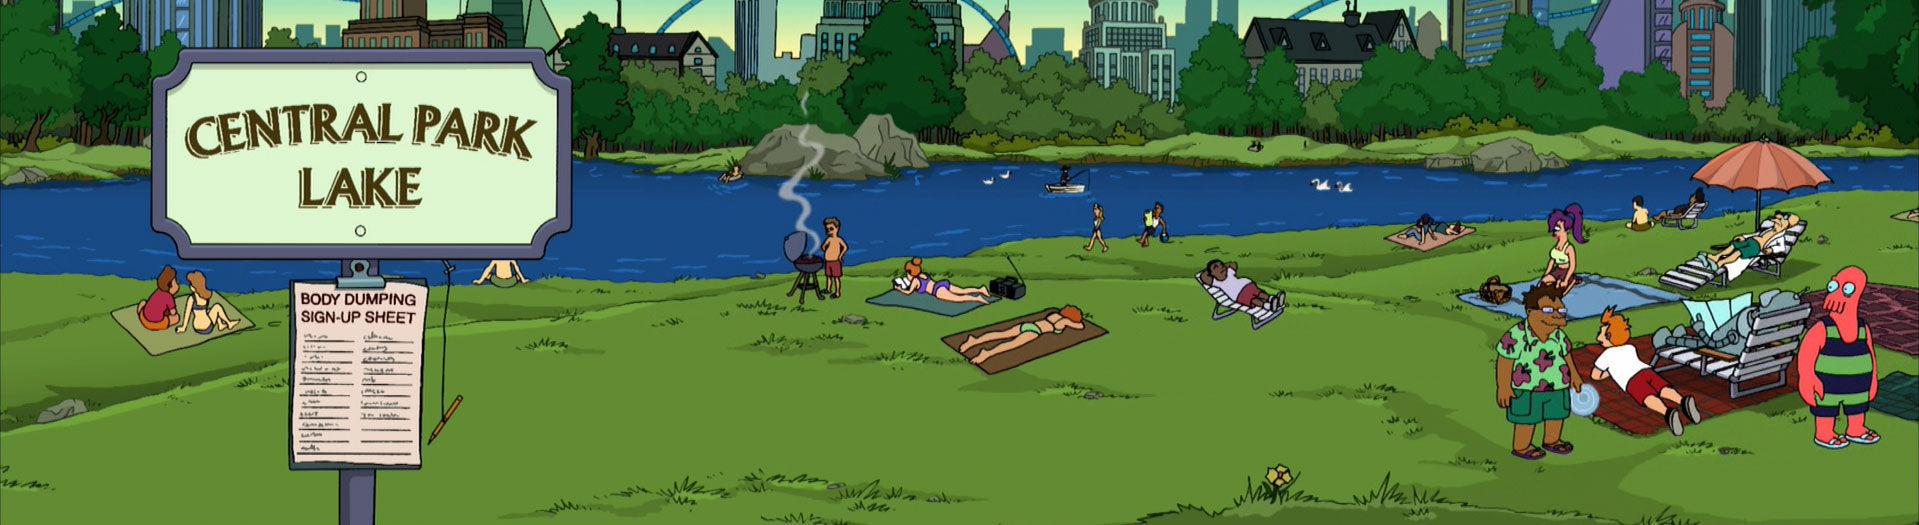 Ves a alguien llorando en el banco de un parque ¿Qué haces?